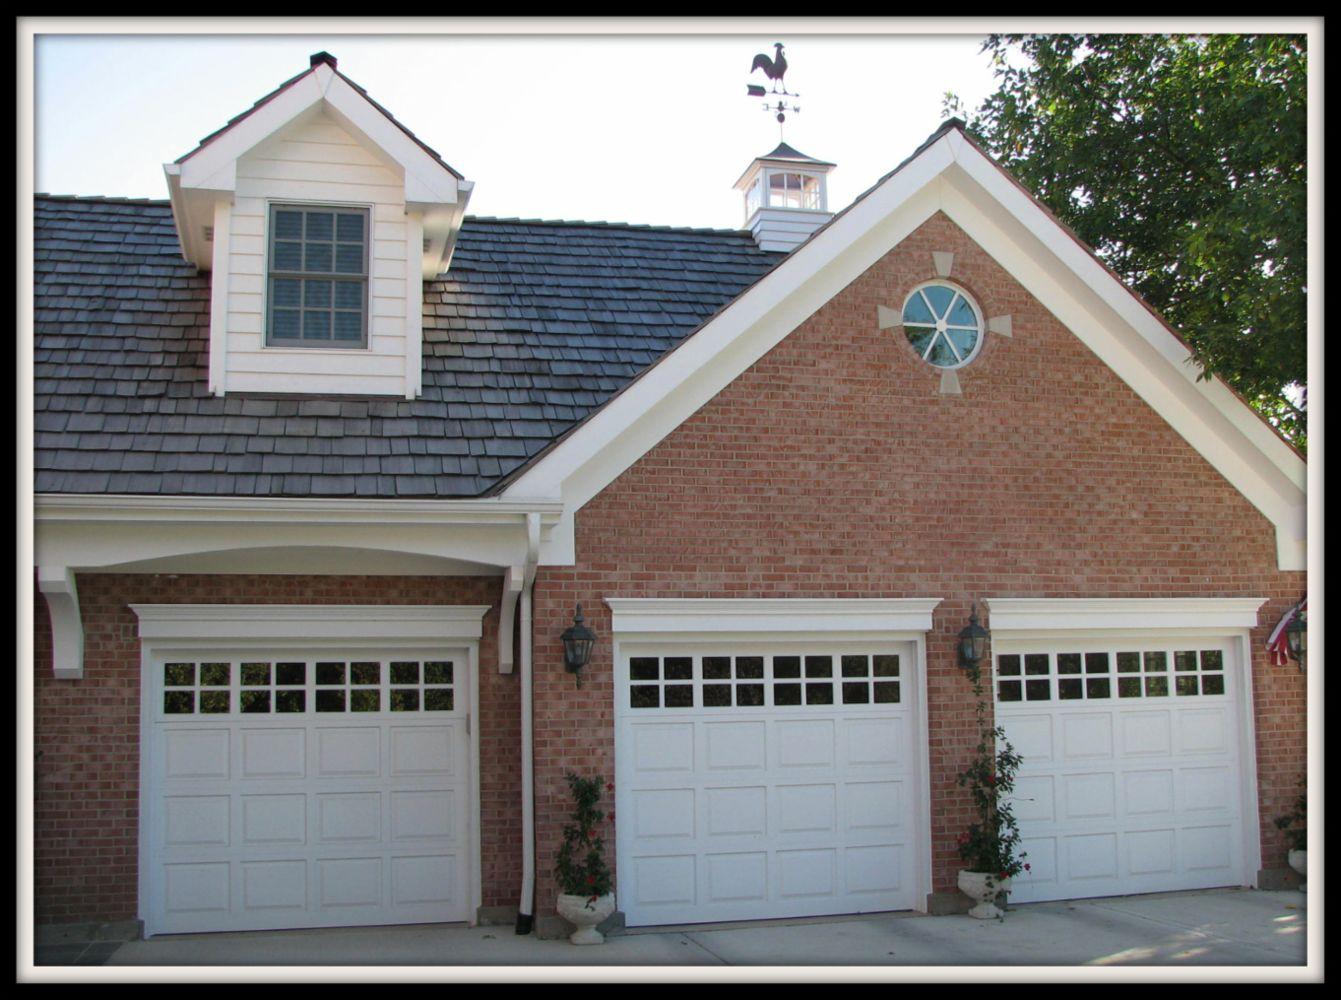 Garage door repair in west hills ca west hills garage for Garage door repair agoura hills